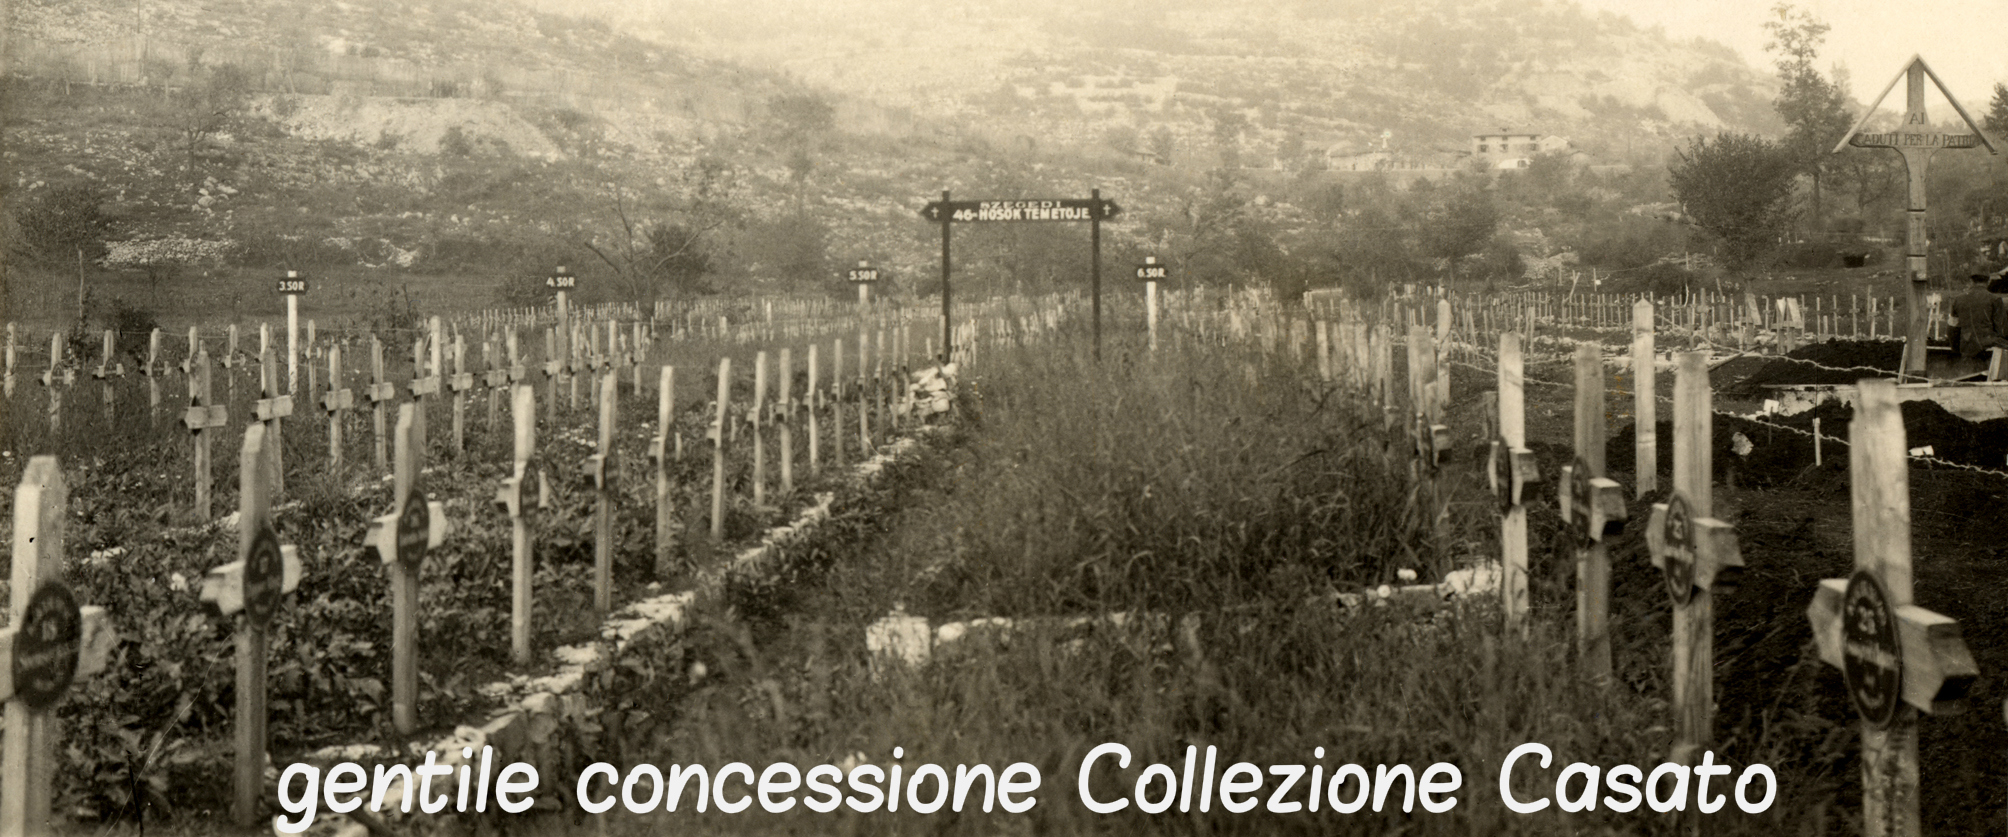 Cimitero Austroungarico sul Carso